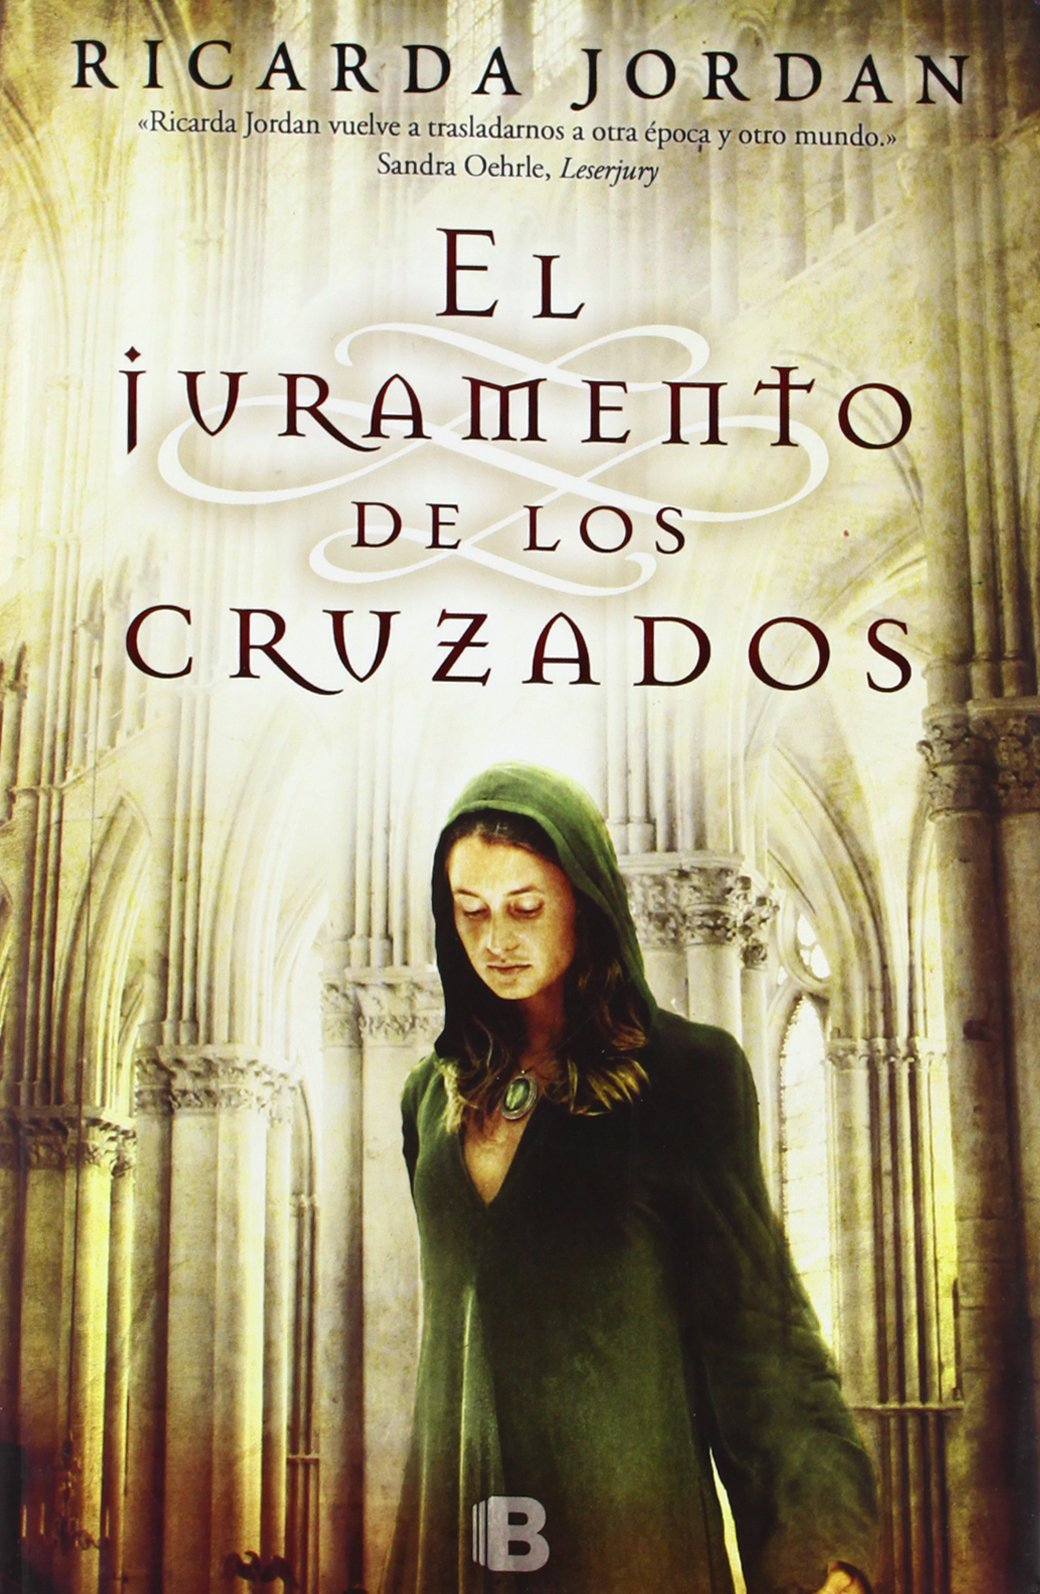 El juramento de los cruzados (Histórica): Amazon.es: Ricarda Jordan: Libros